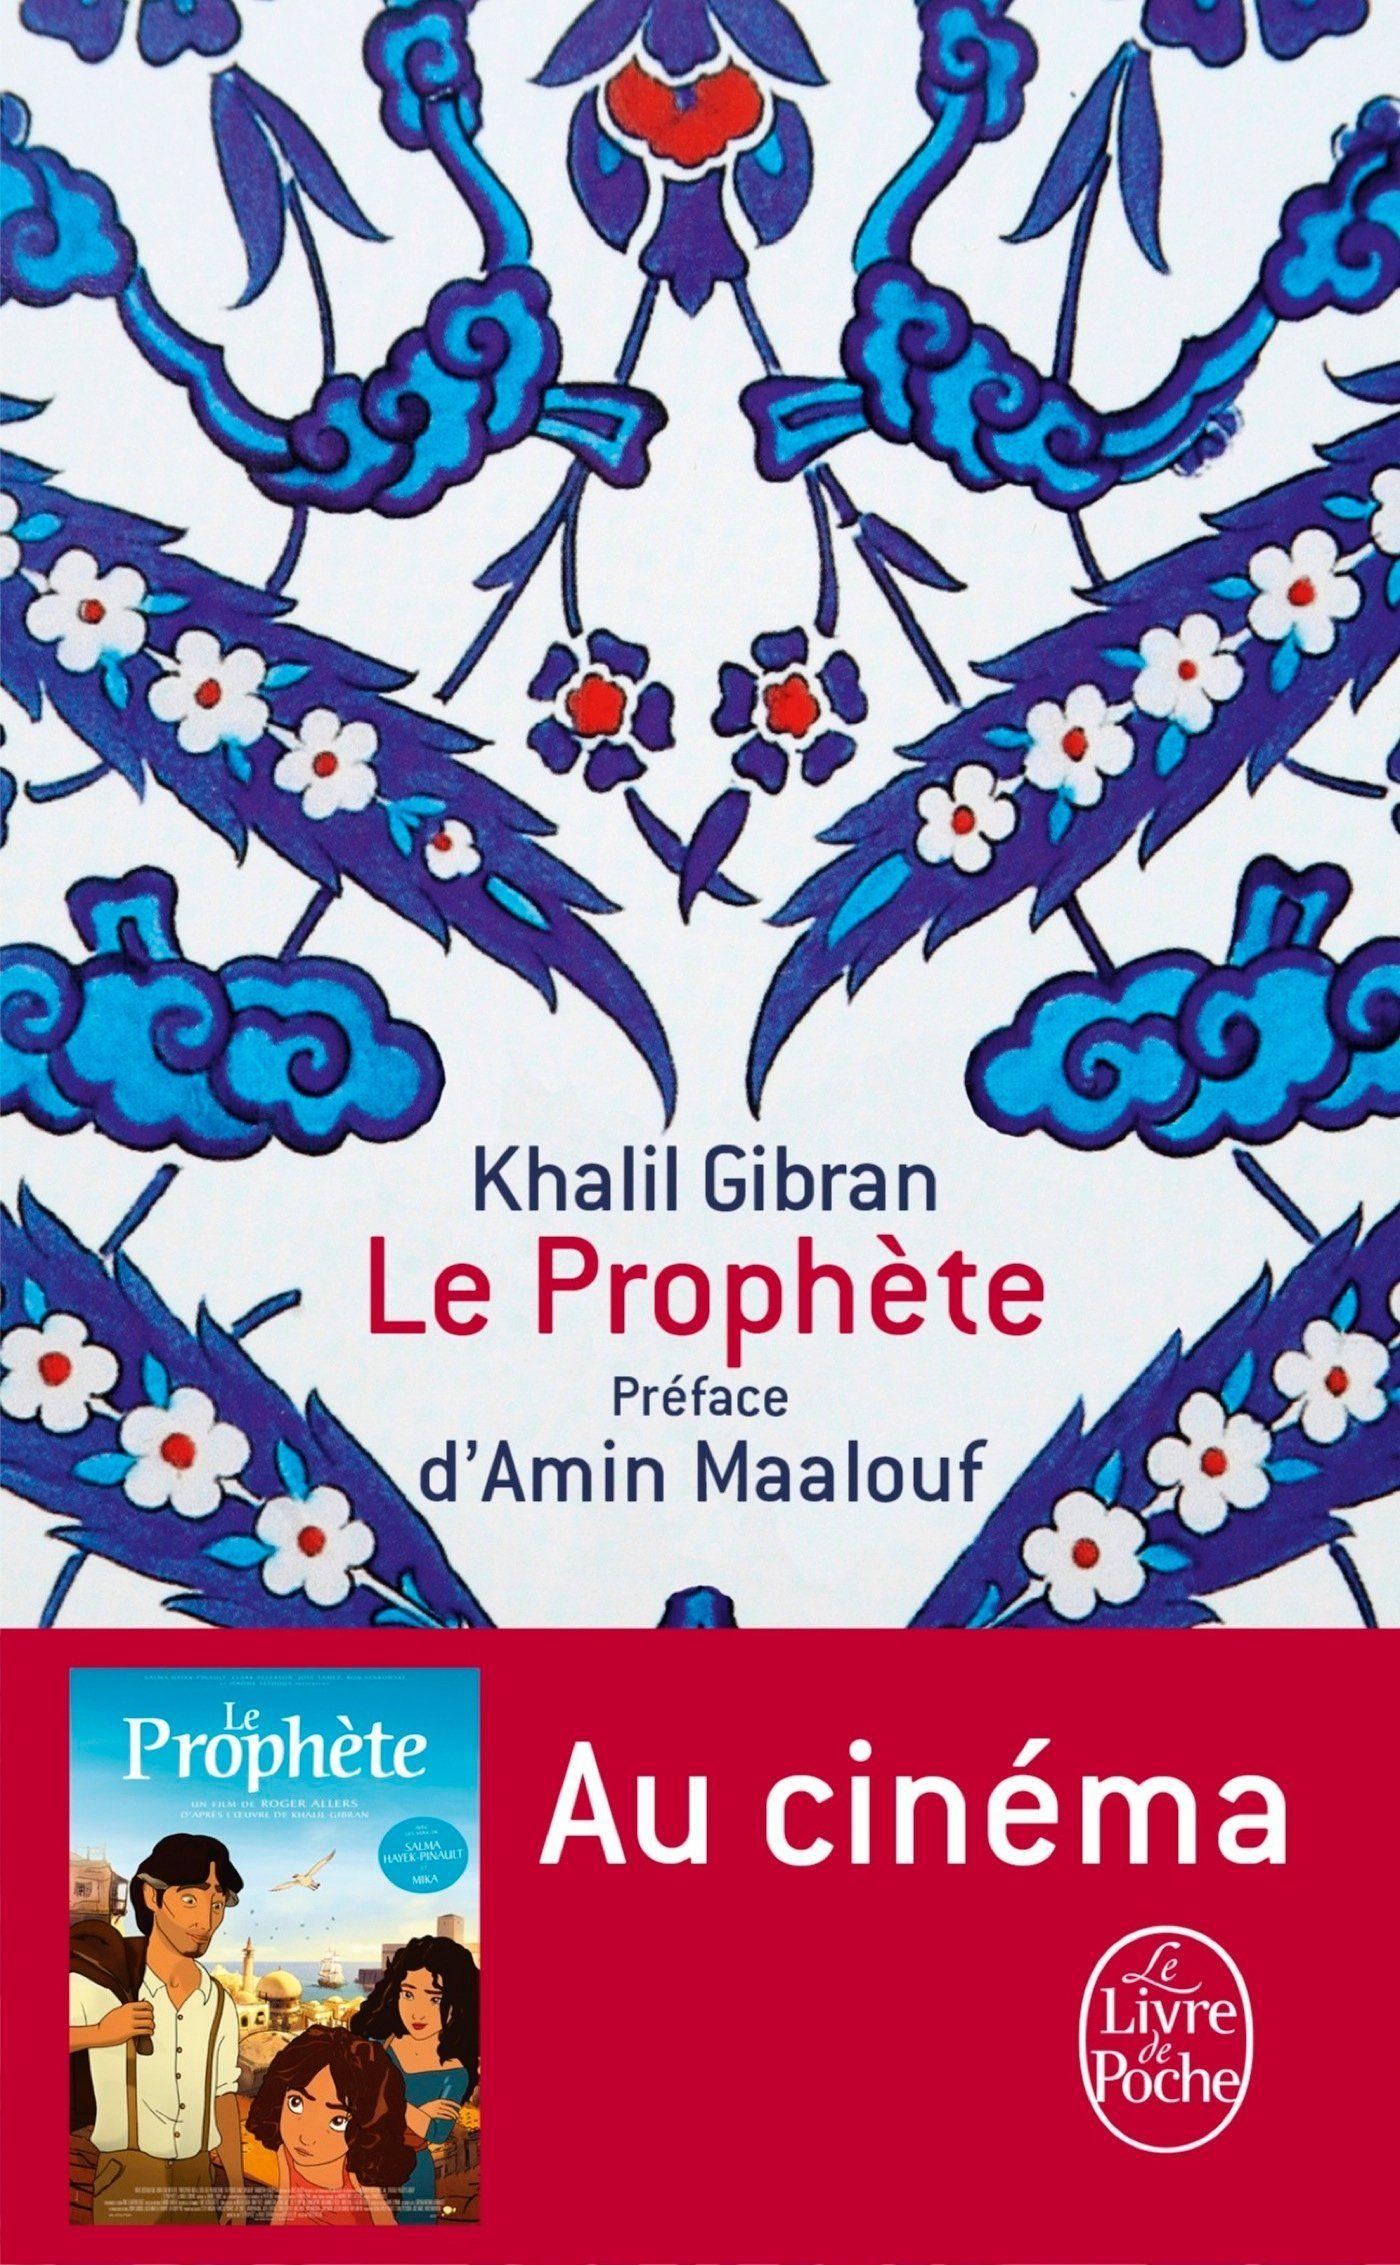 Khalil Gibran Le Prophète Pdf : khalil, gibran, prophète, Amazon.fr, Prophète, Khalil, Gibran, Livres, Gratuit,, Téléchargement,, Prophete